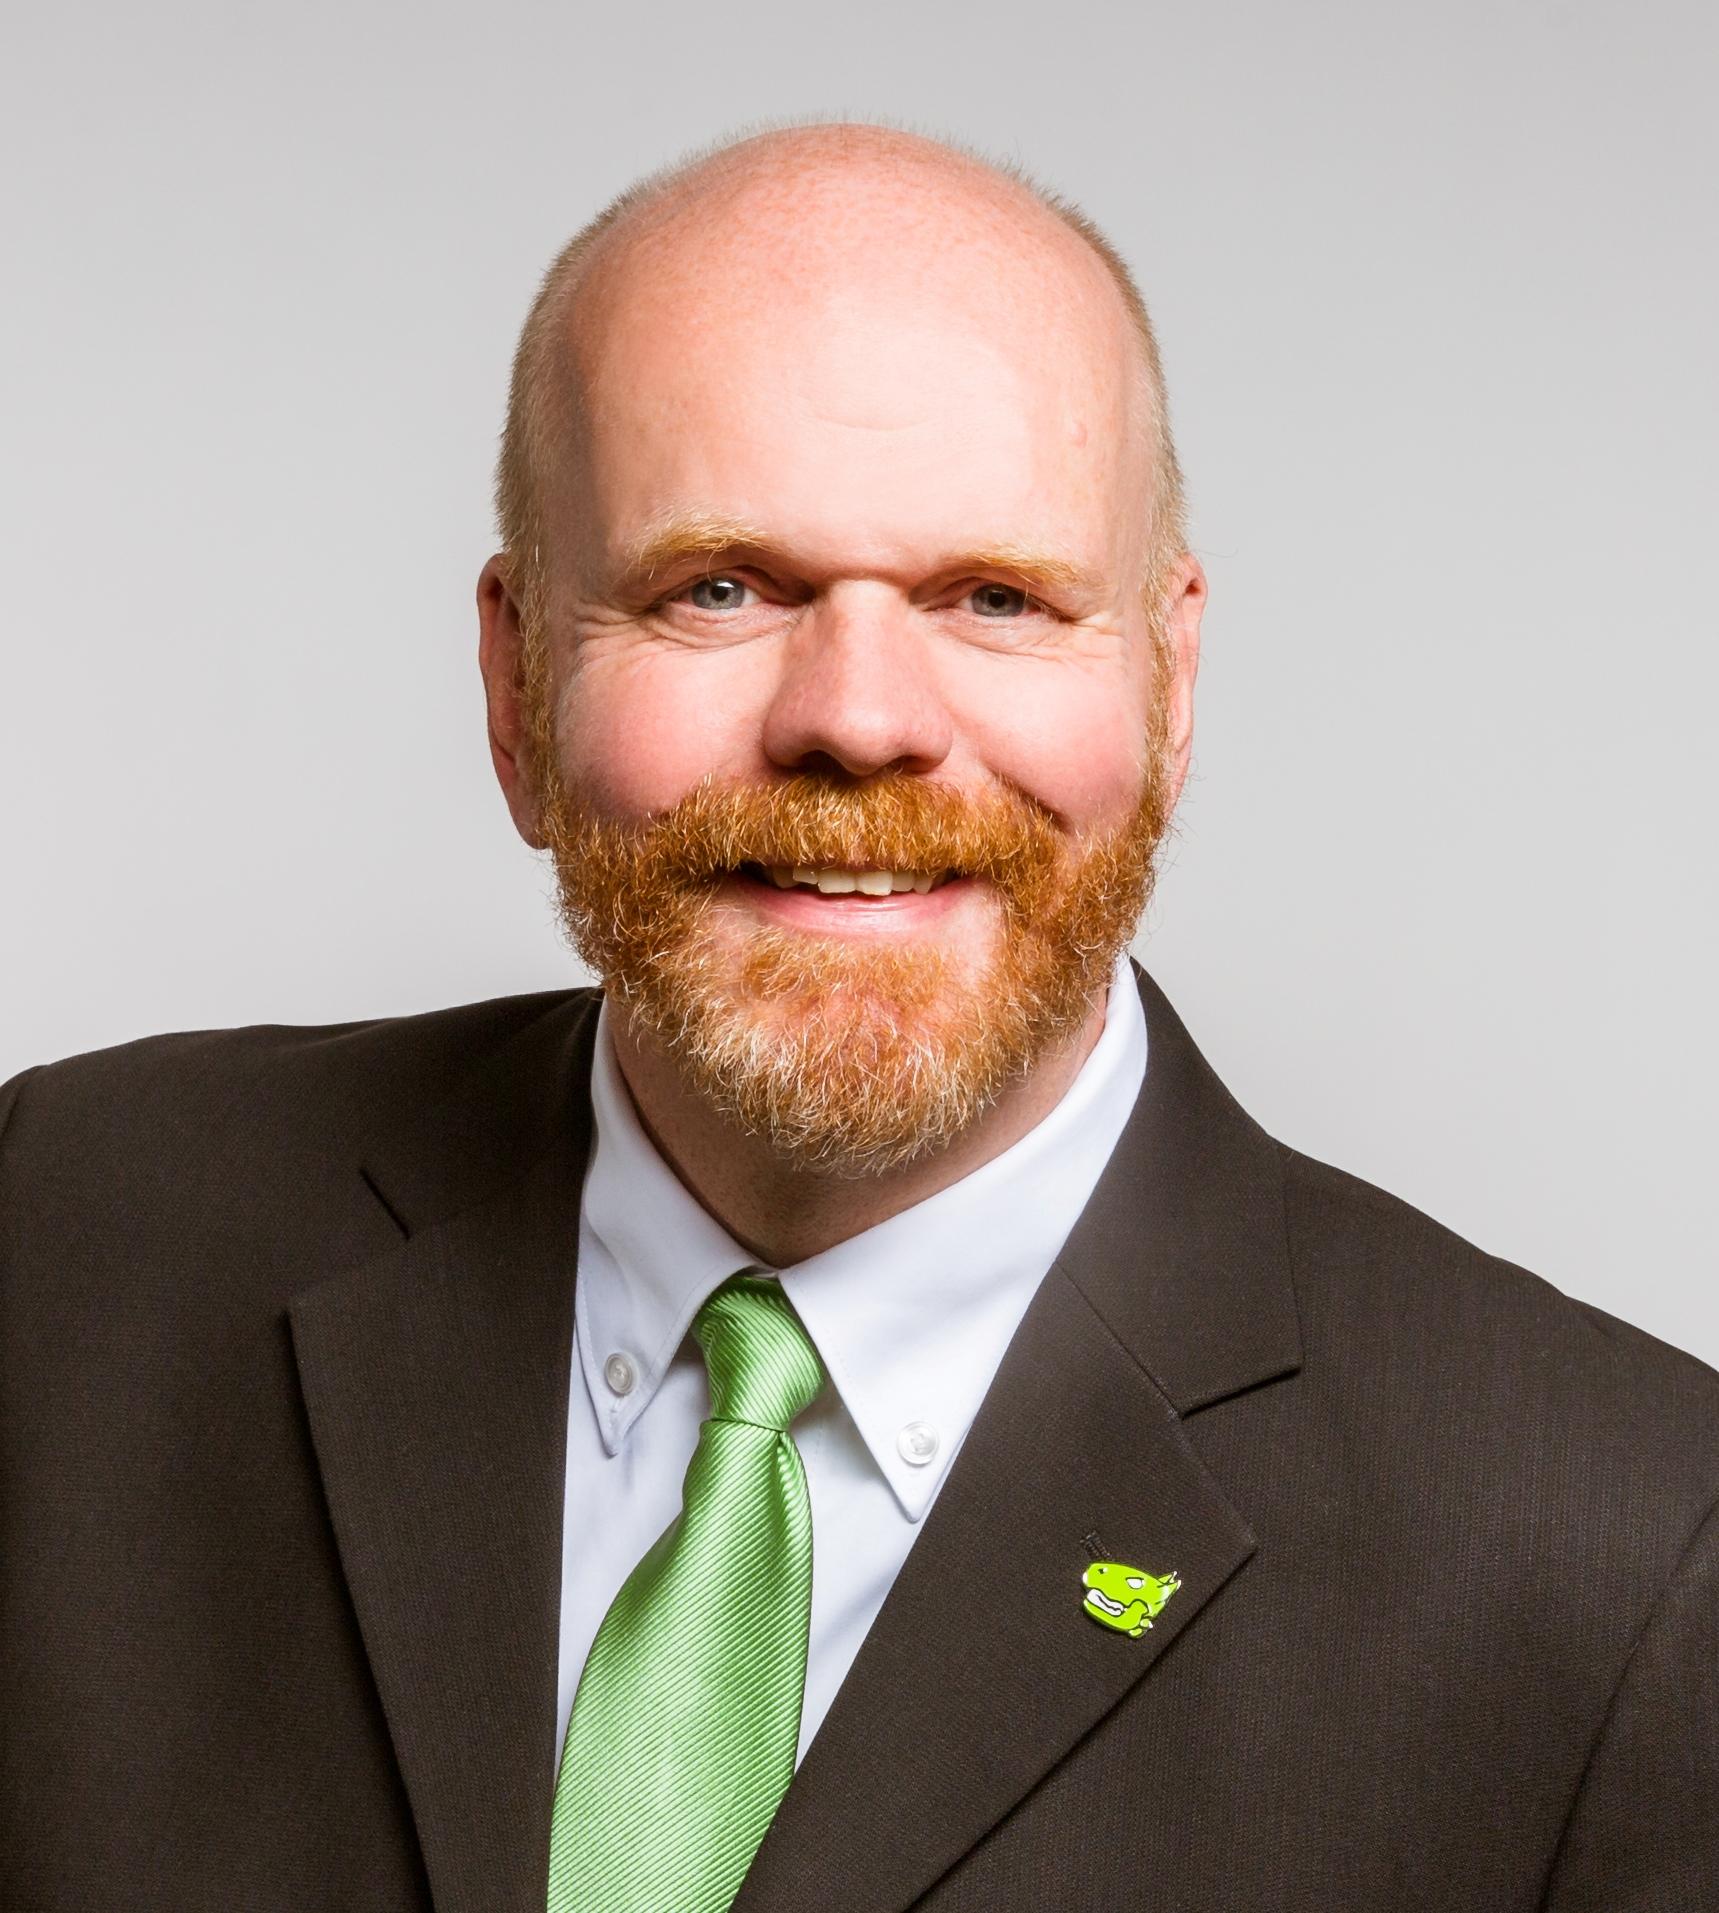 Dirk Schrader, CMO Greenbone Networks